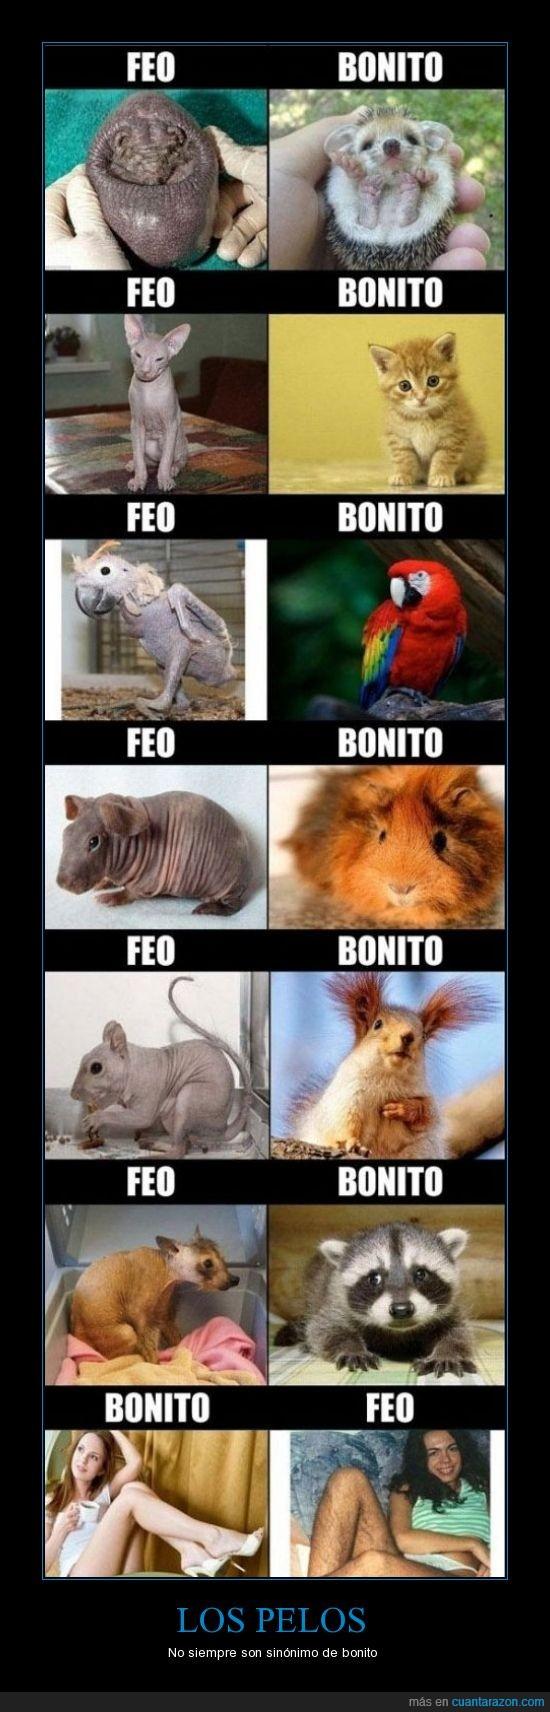 bonitos,feo,gato,Guacamayo,pelos,peludo,raton